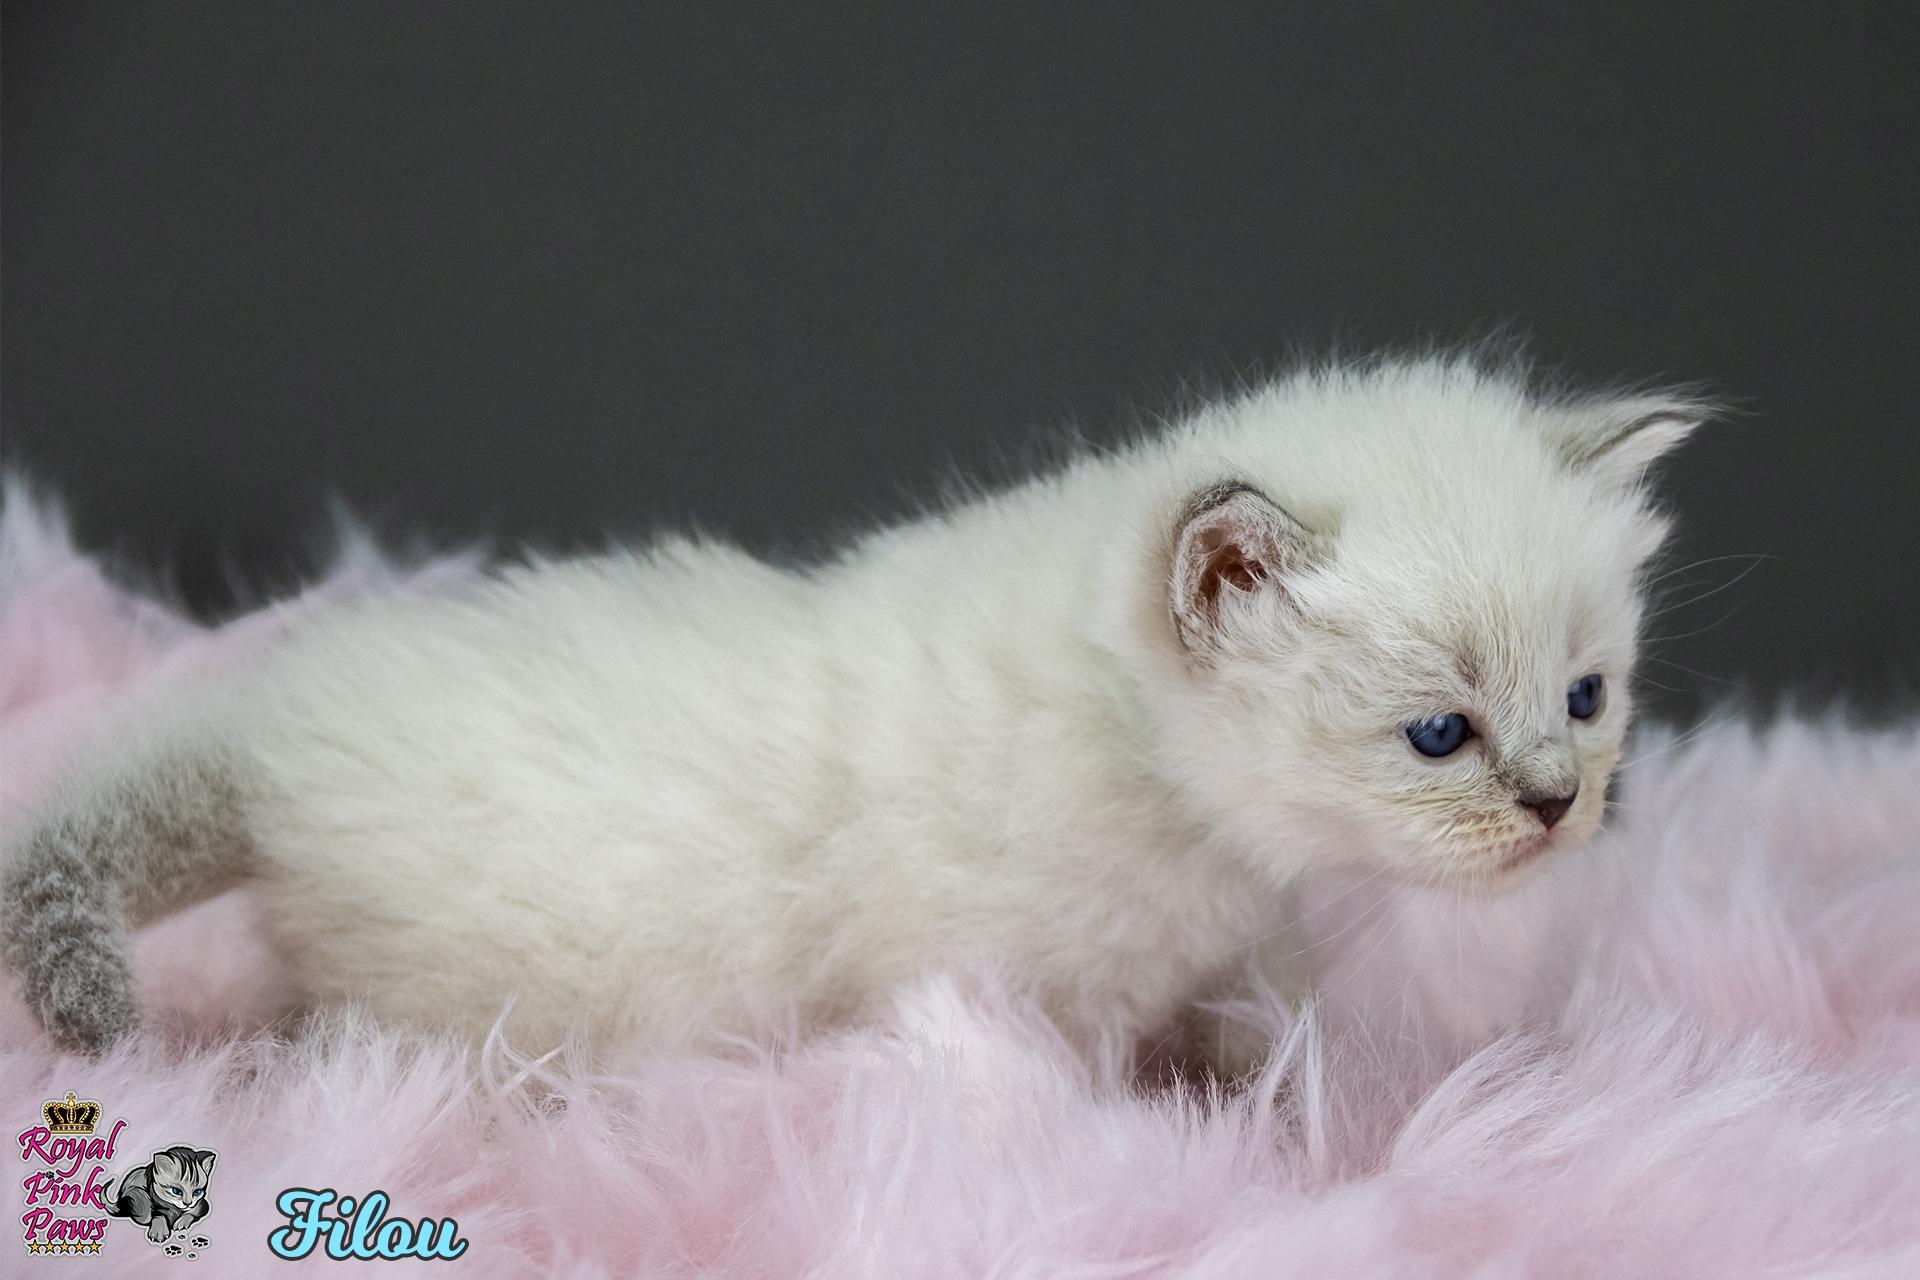 Neva Masquarade - Filou Royal Pink Paws